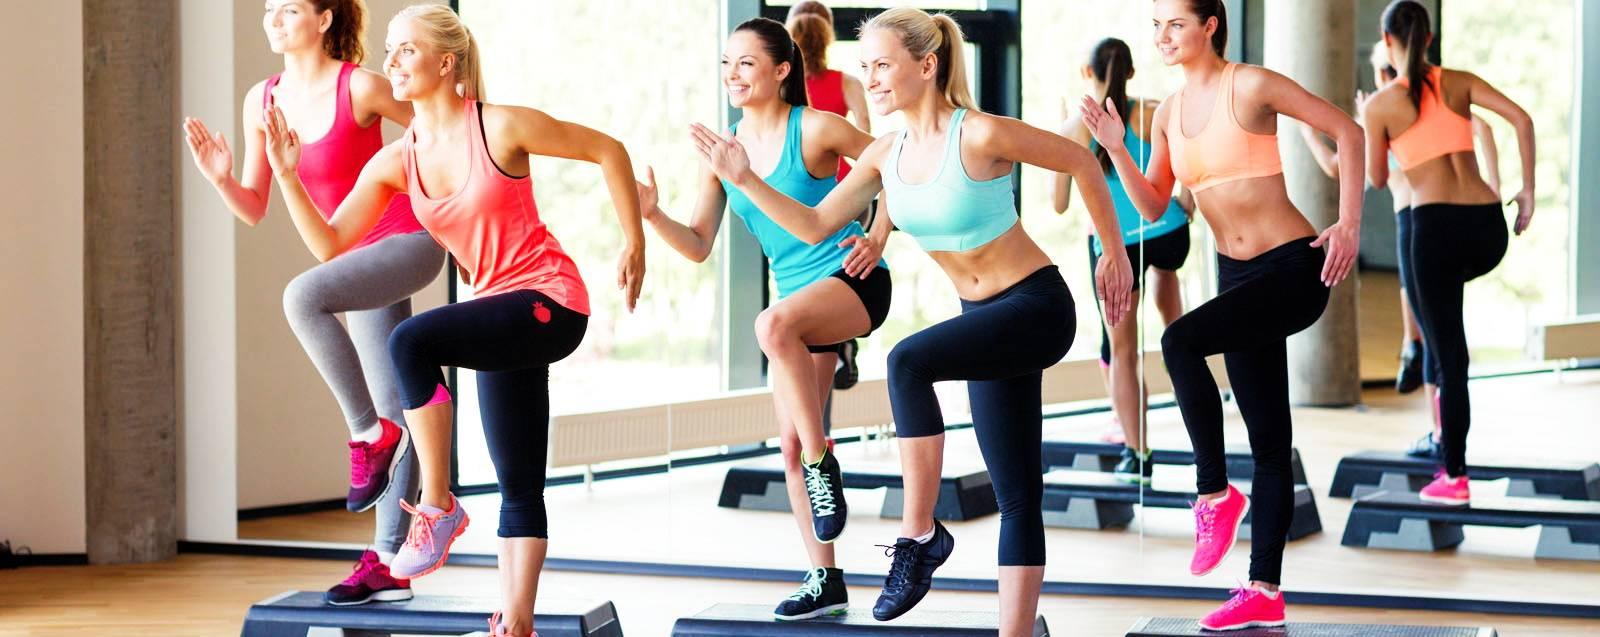 Эффективные виды фитнеса для женщин